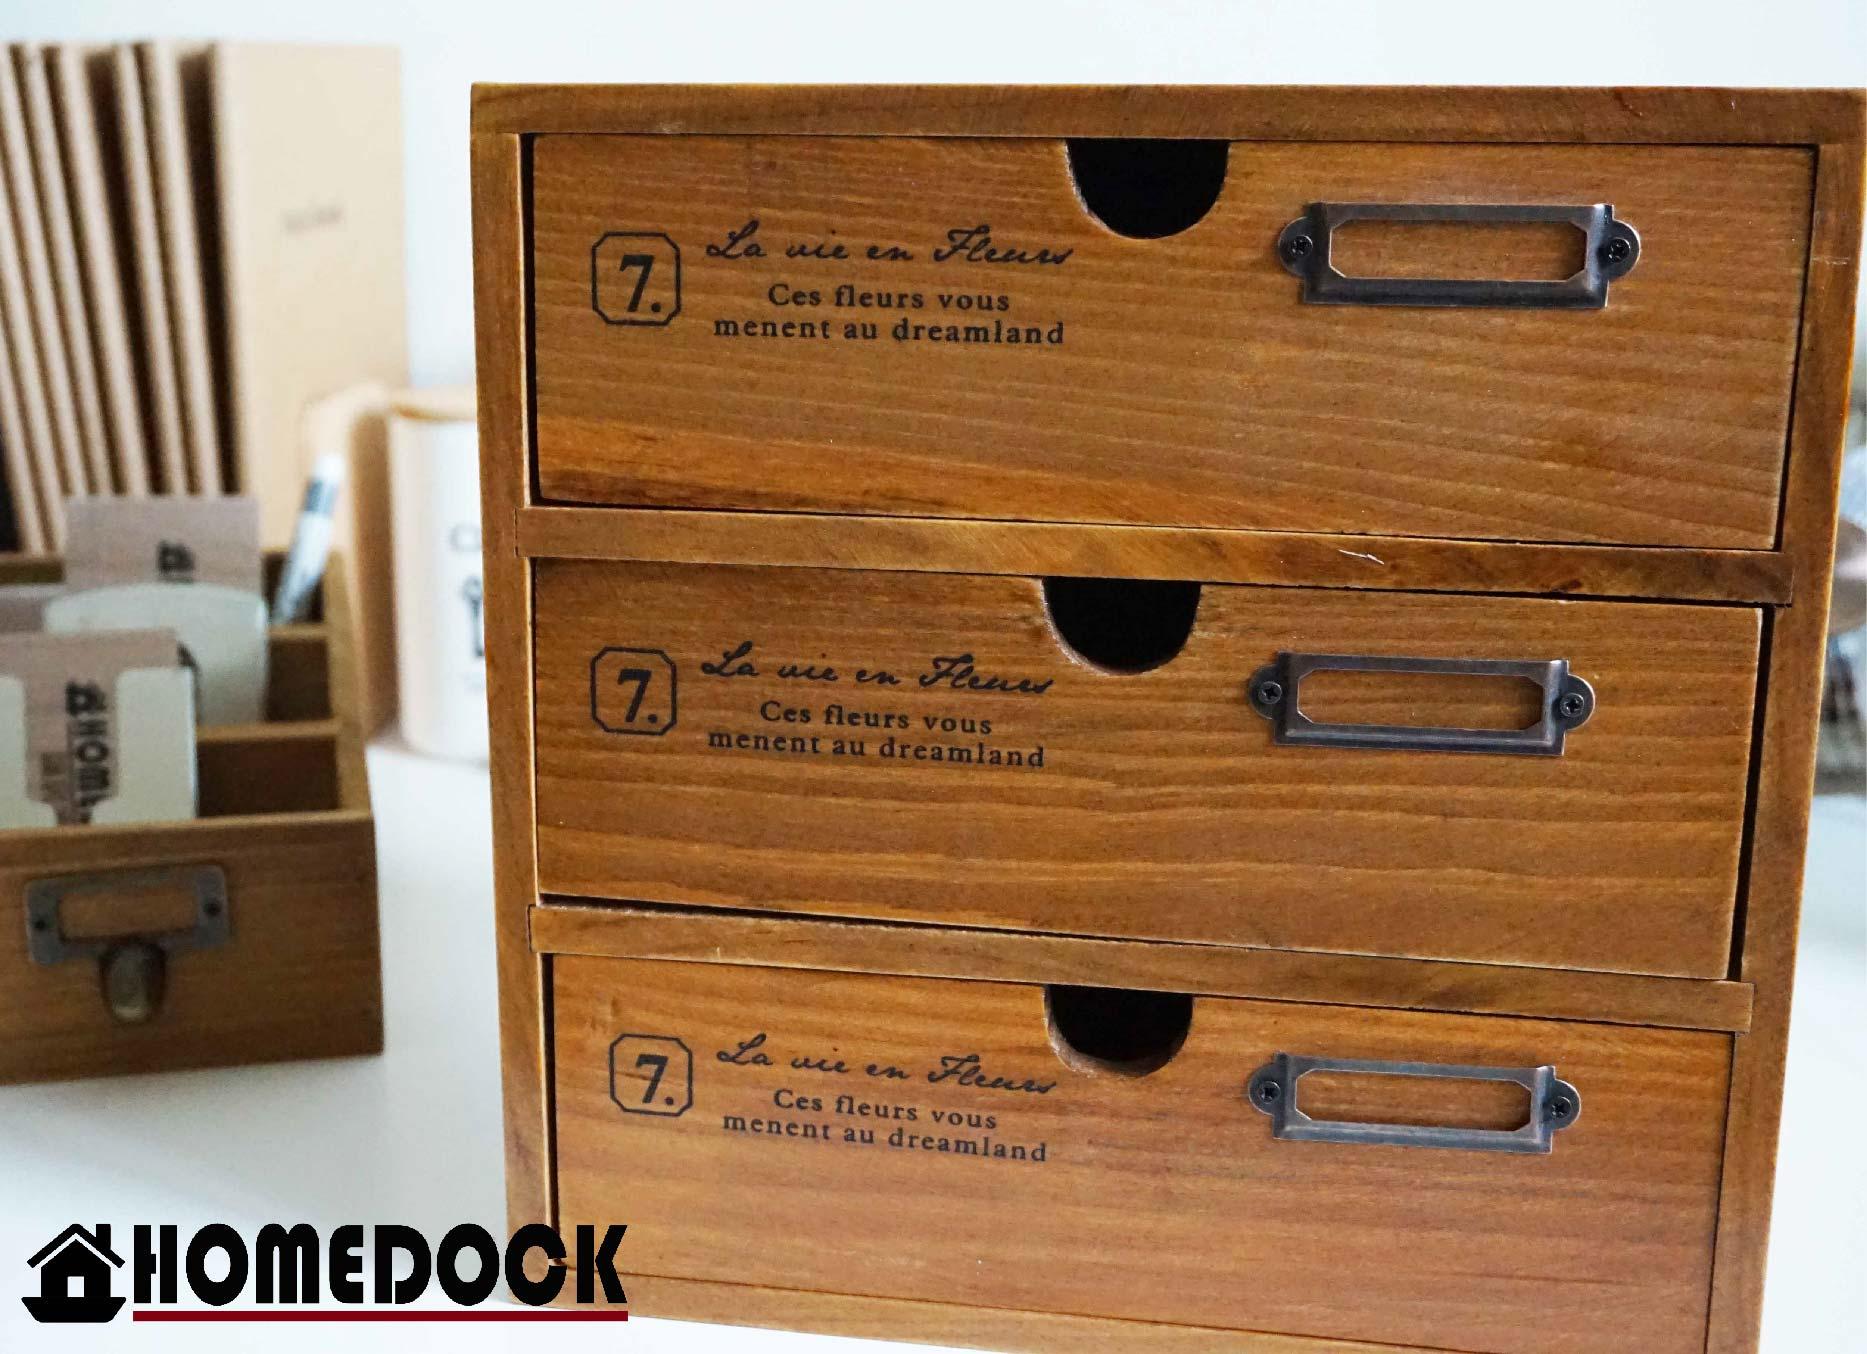 HOMEDOCK-原木質感三層抽屜收納櫃 zakka/三層櫃/木櫃/置物櫃/原木製/層格櫃/木盒